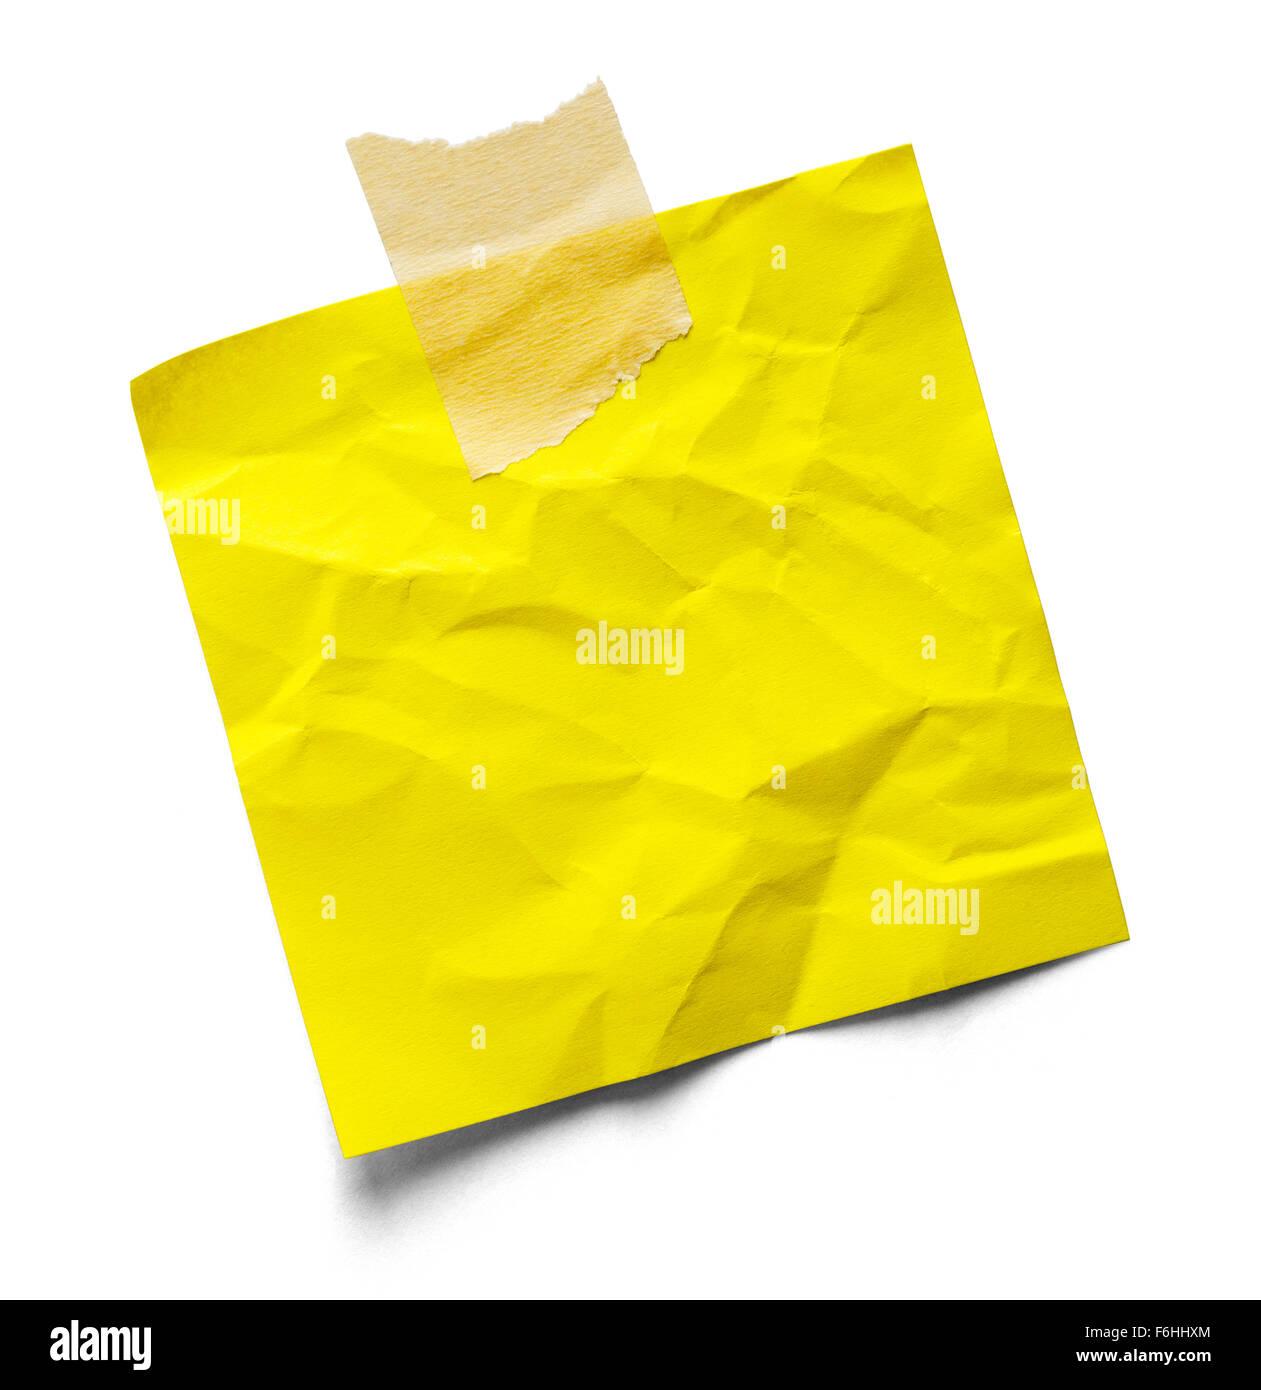 Piegate fino nota adesiva e il nastro isolate su uno sfondo bianco. Immagini Stock